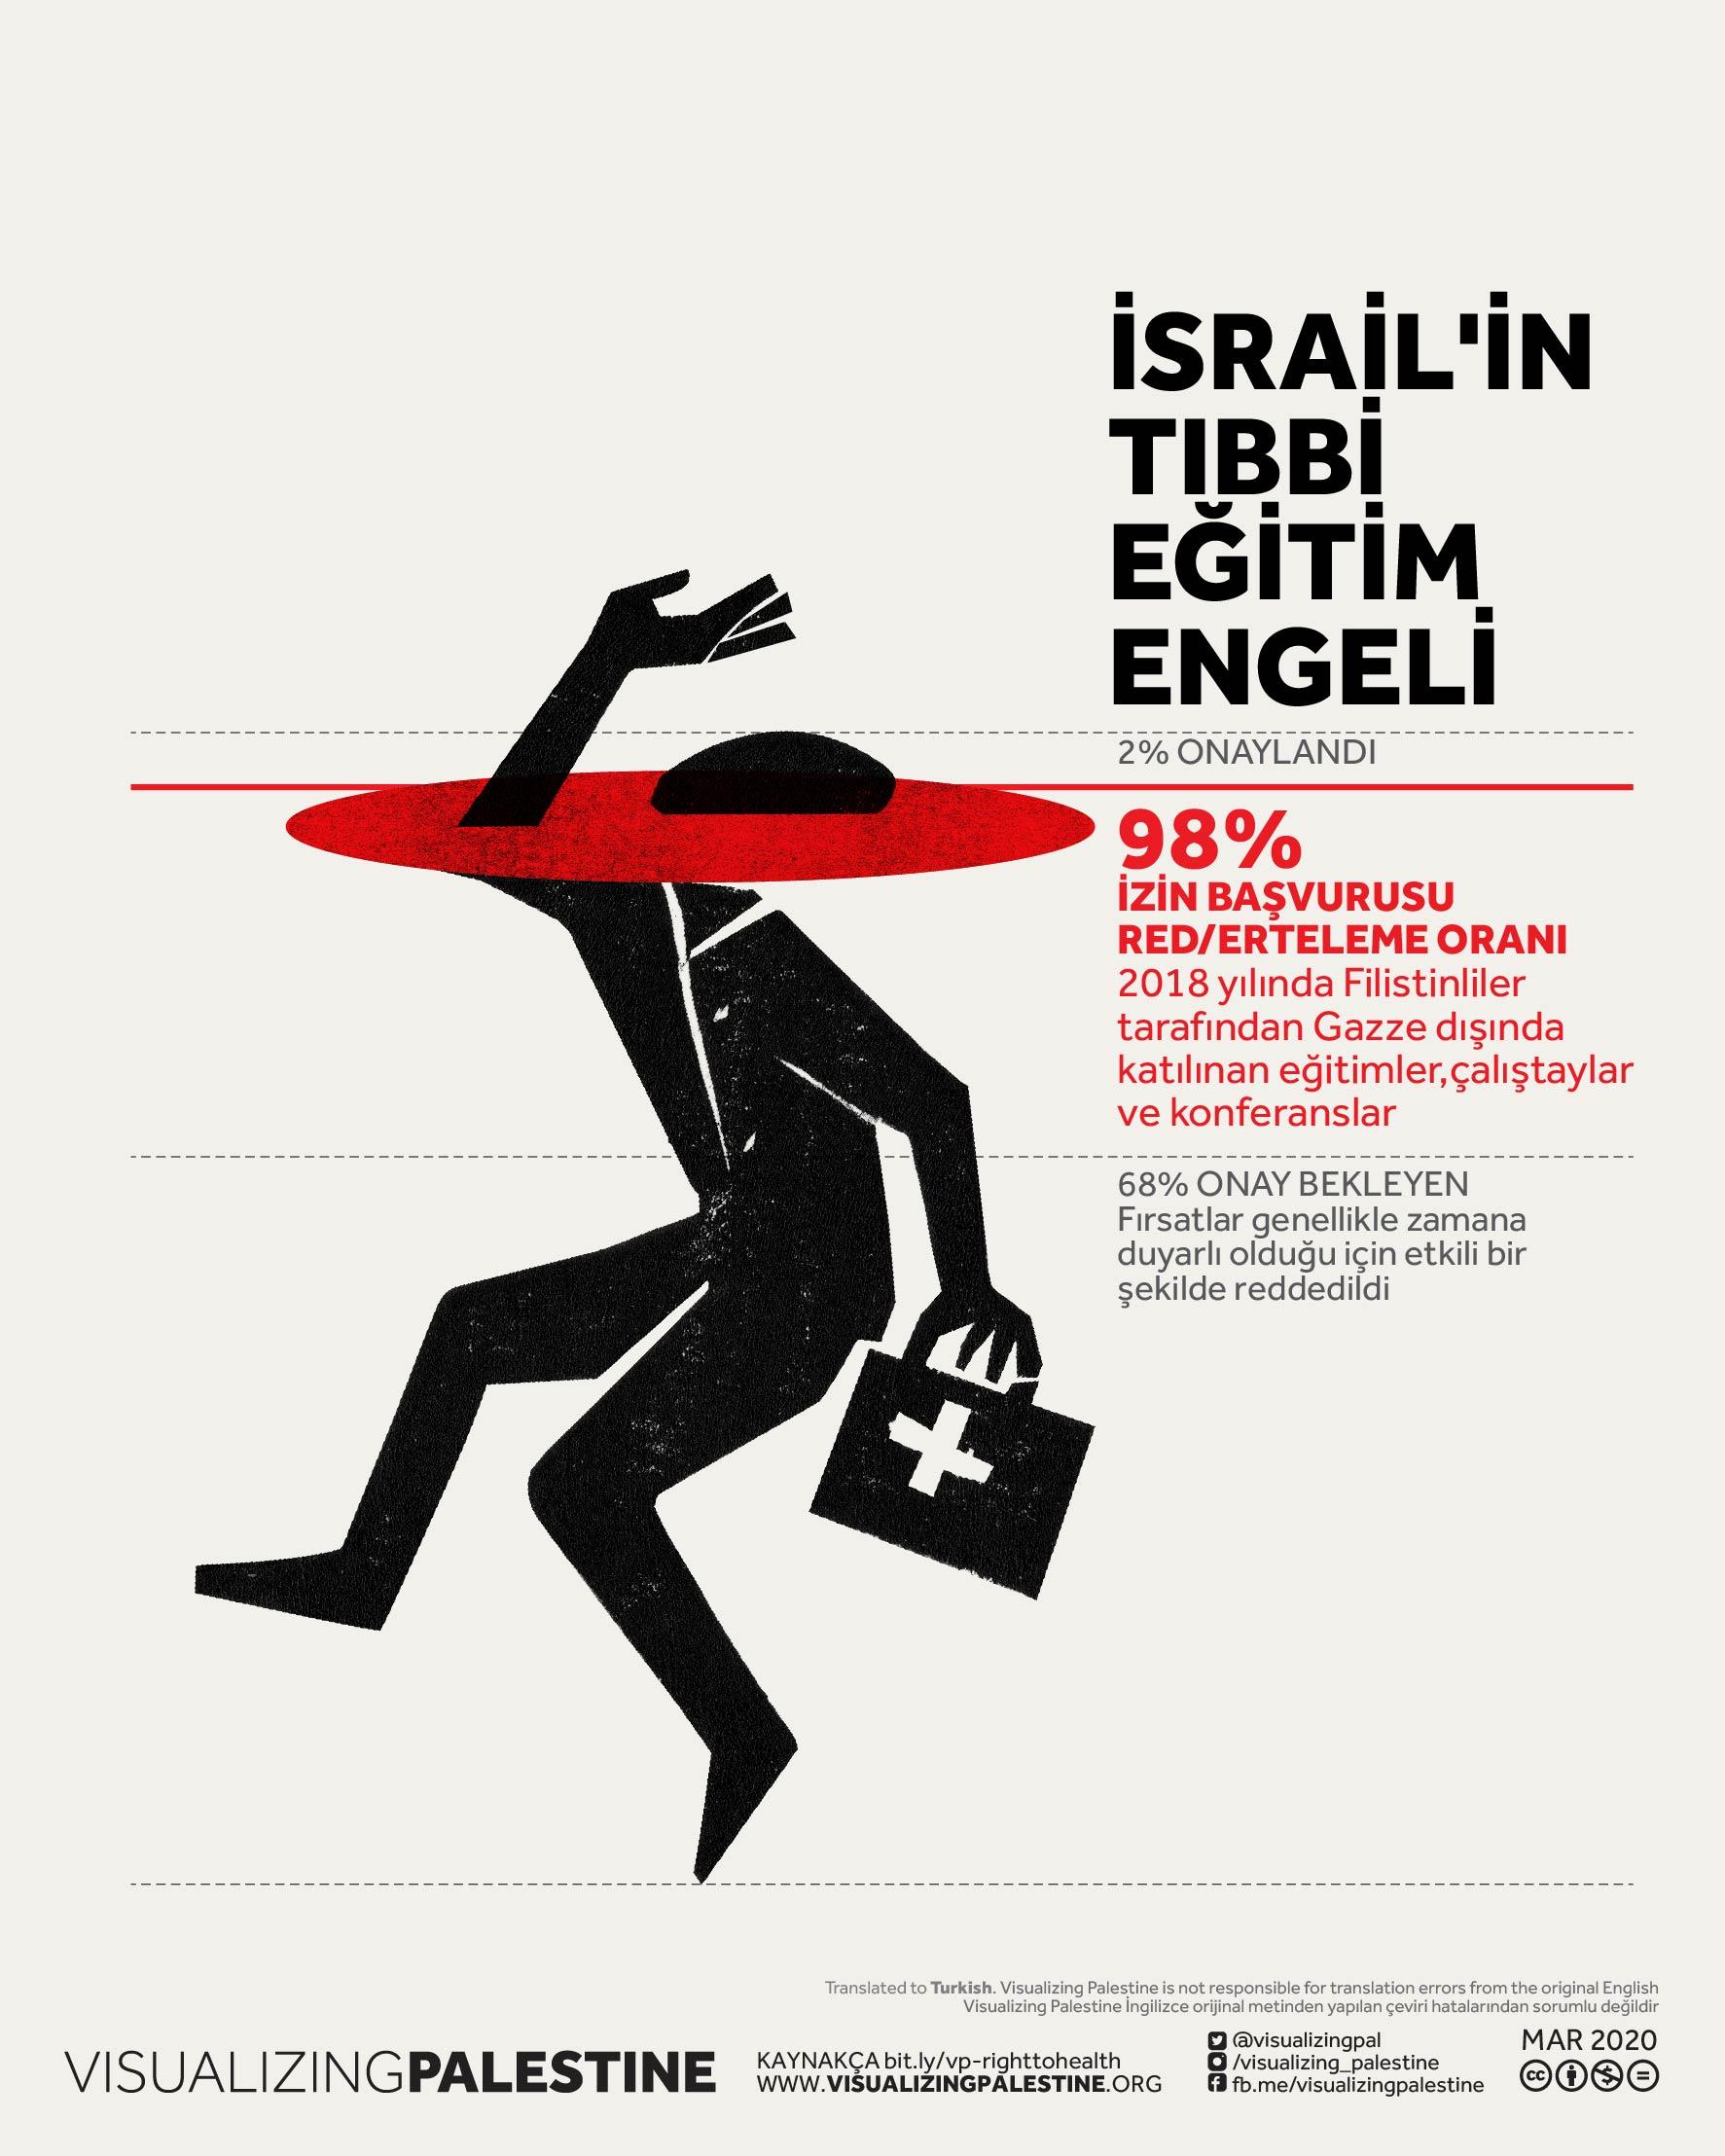 İsrail'in Tıbbi Eğitimi Engeli